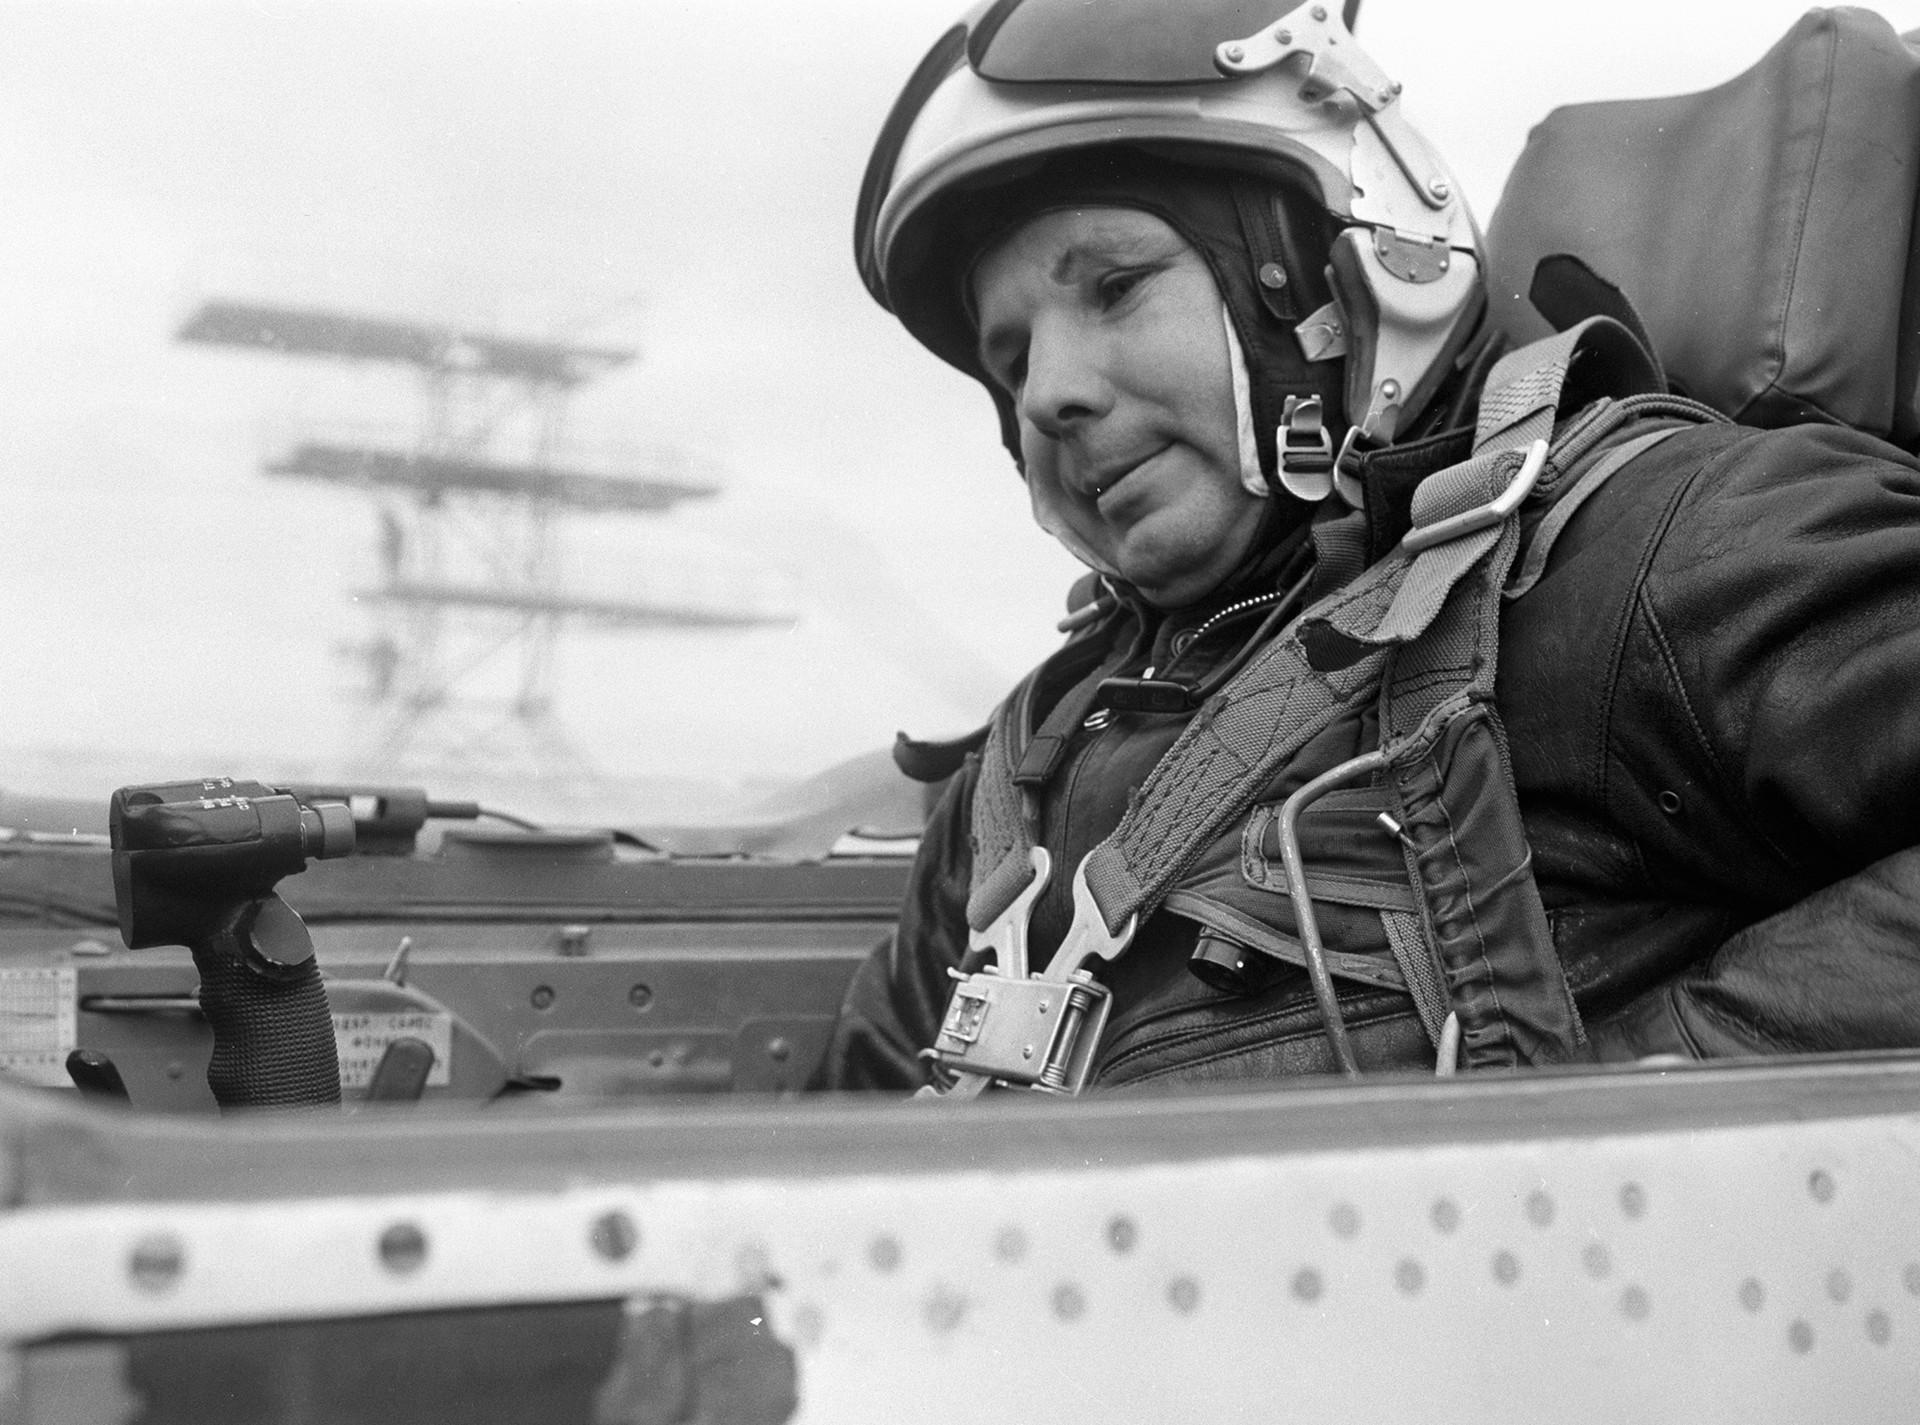 Јуриј Гагарин се подготвува да изврши задача на суперсоничниот млазен ловец МиГ-21, 1 октомври 1967 година